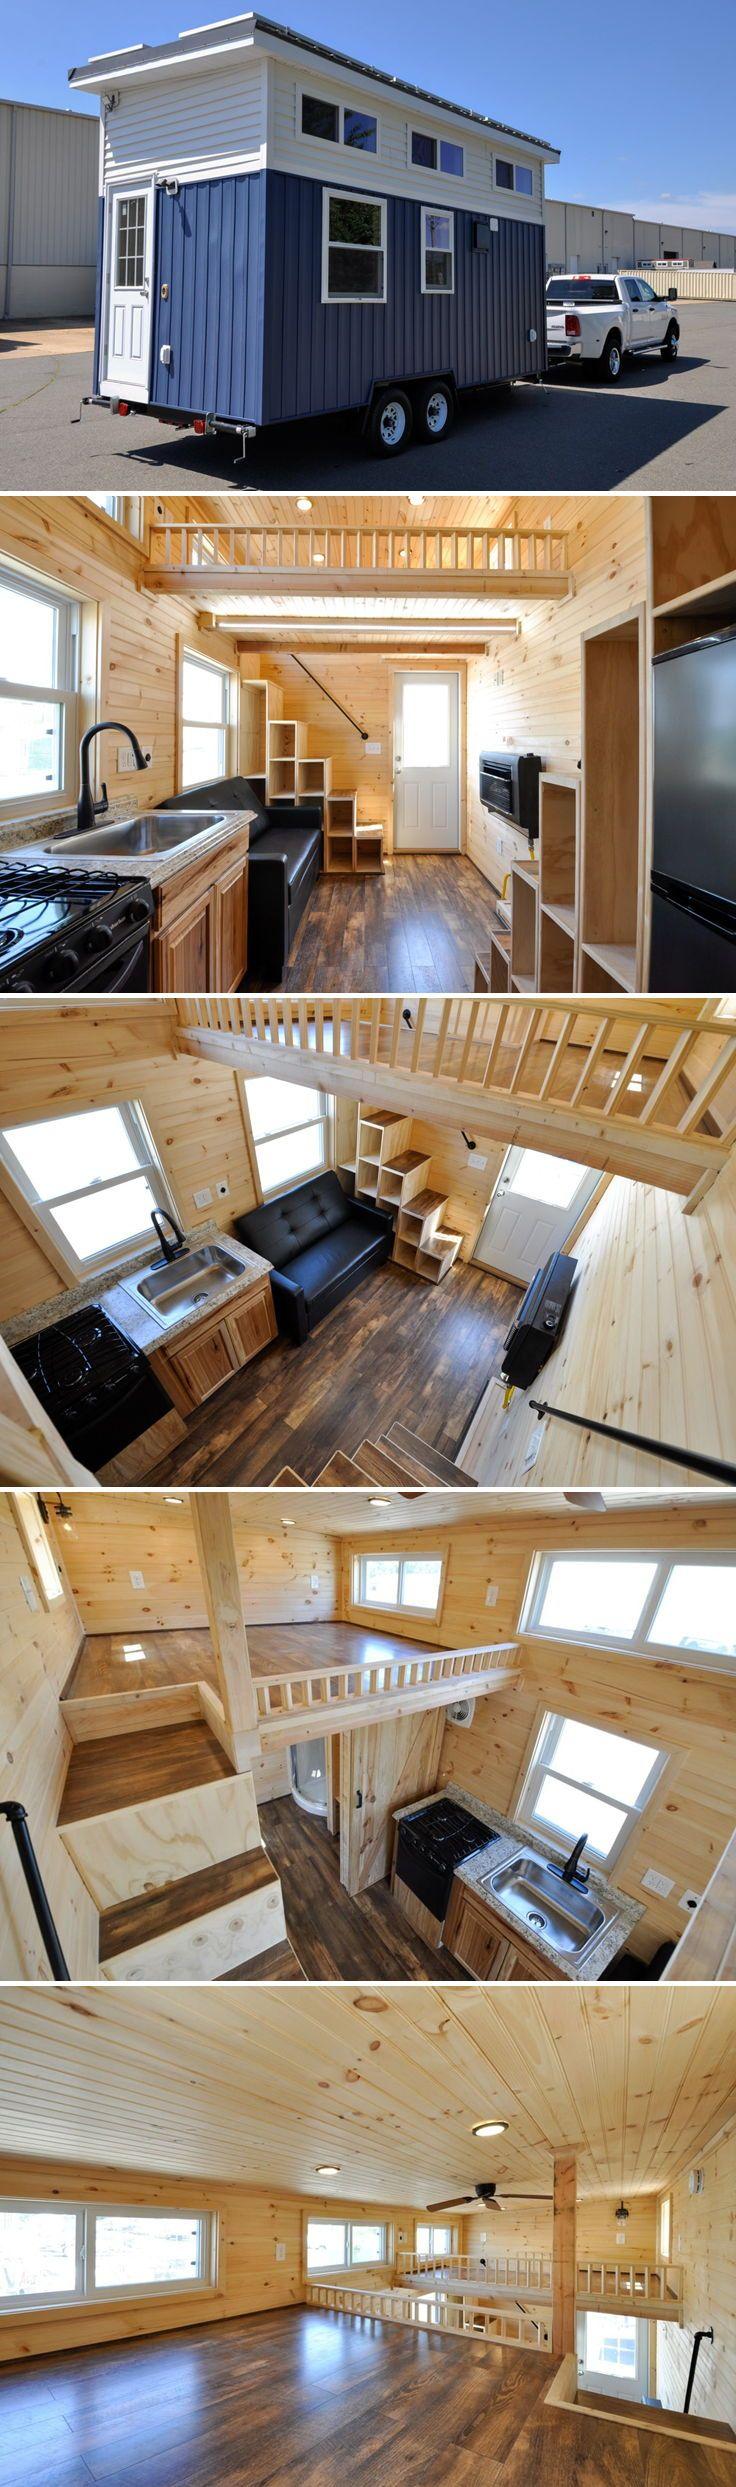 Hamlin by Tiny House Building Company